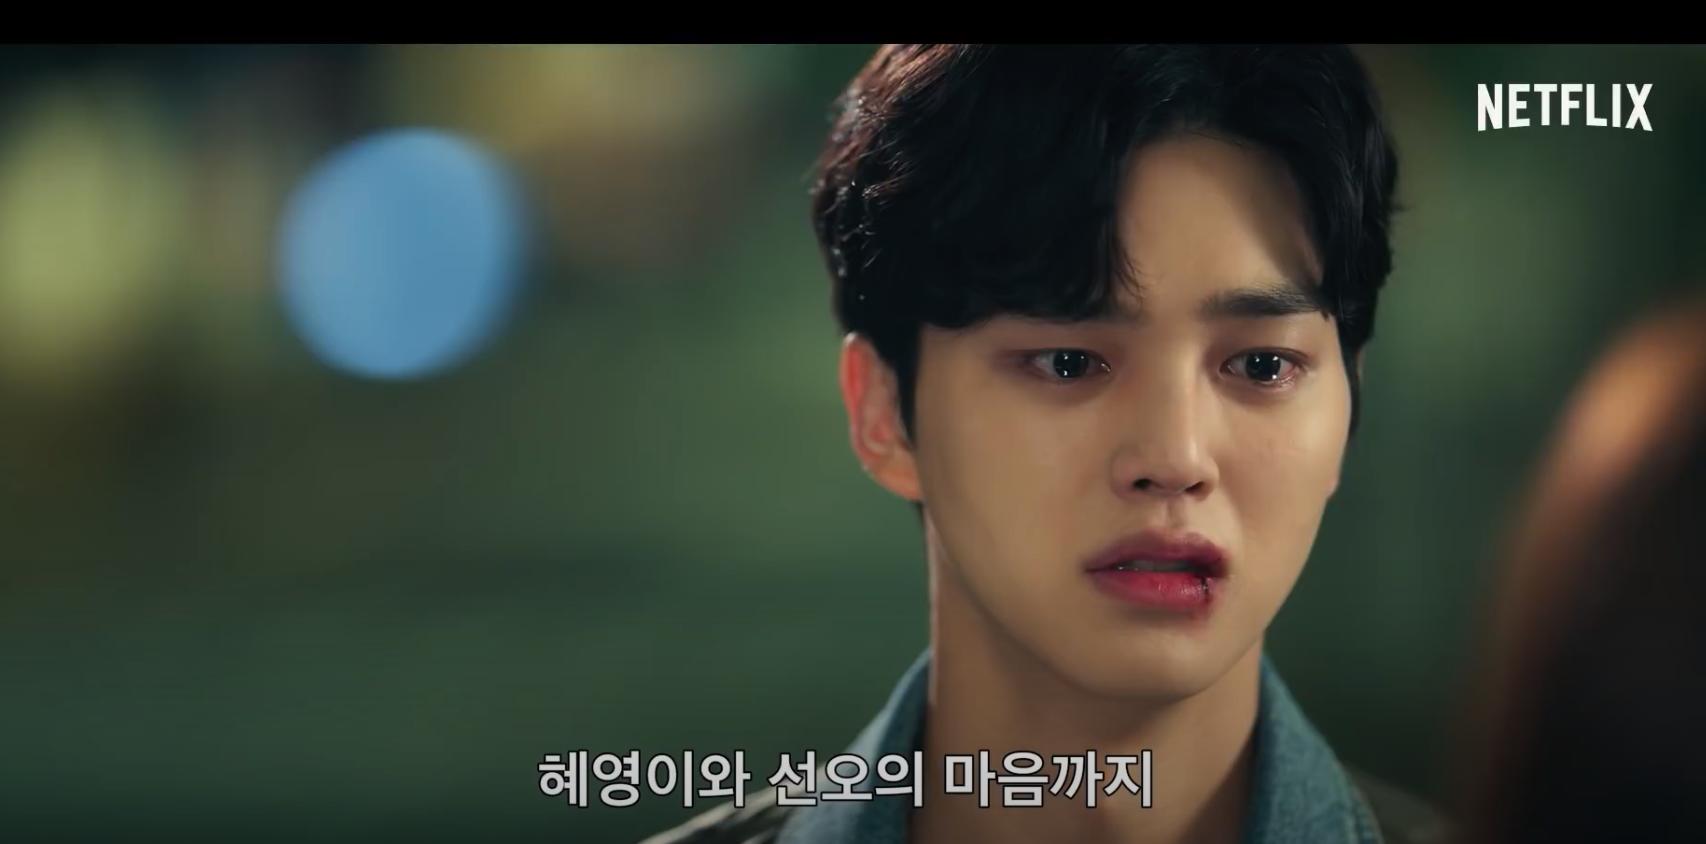 Love Alarm 2 tung trailer bất ngờ, Kim Soo Hyun và Song Kang có màn ngược tâm đến rơi nước mắt?